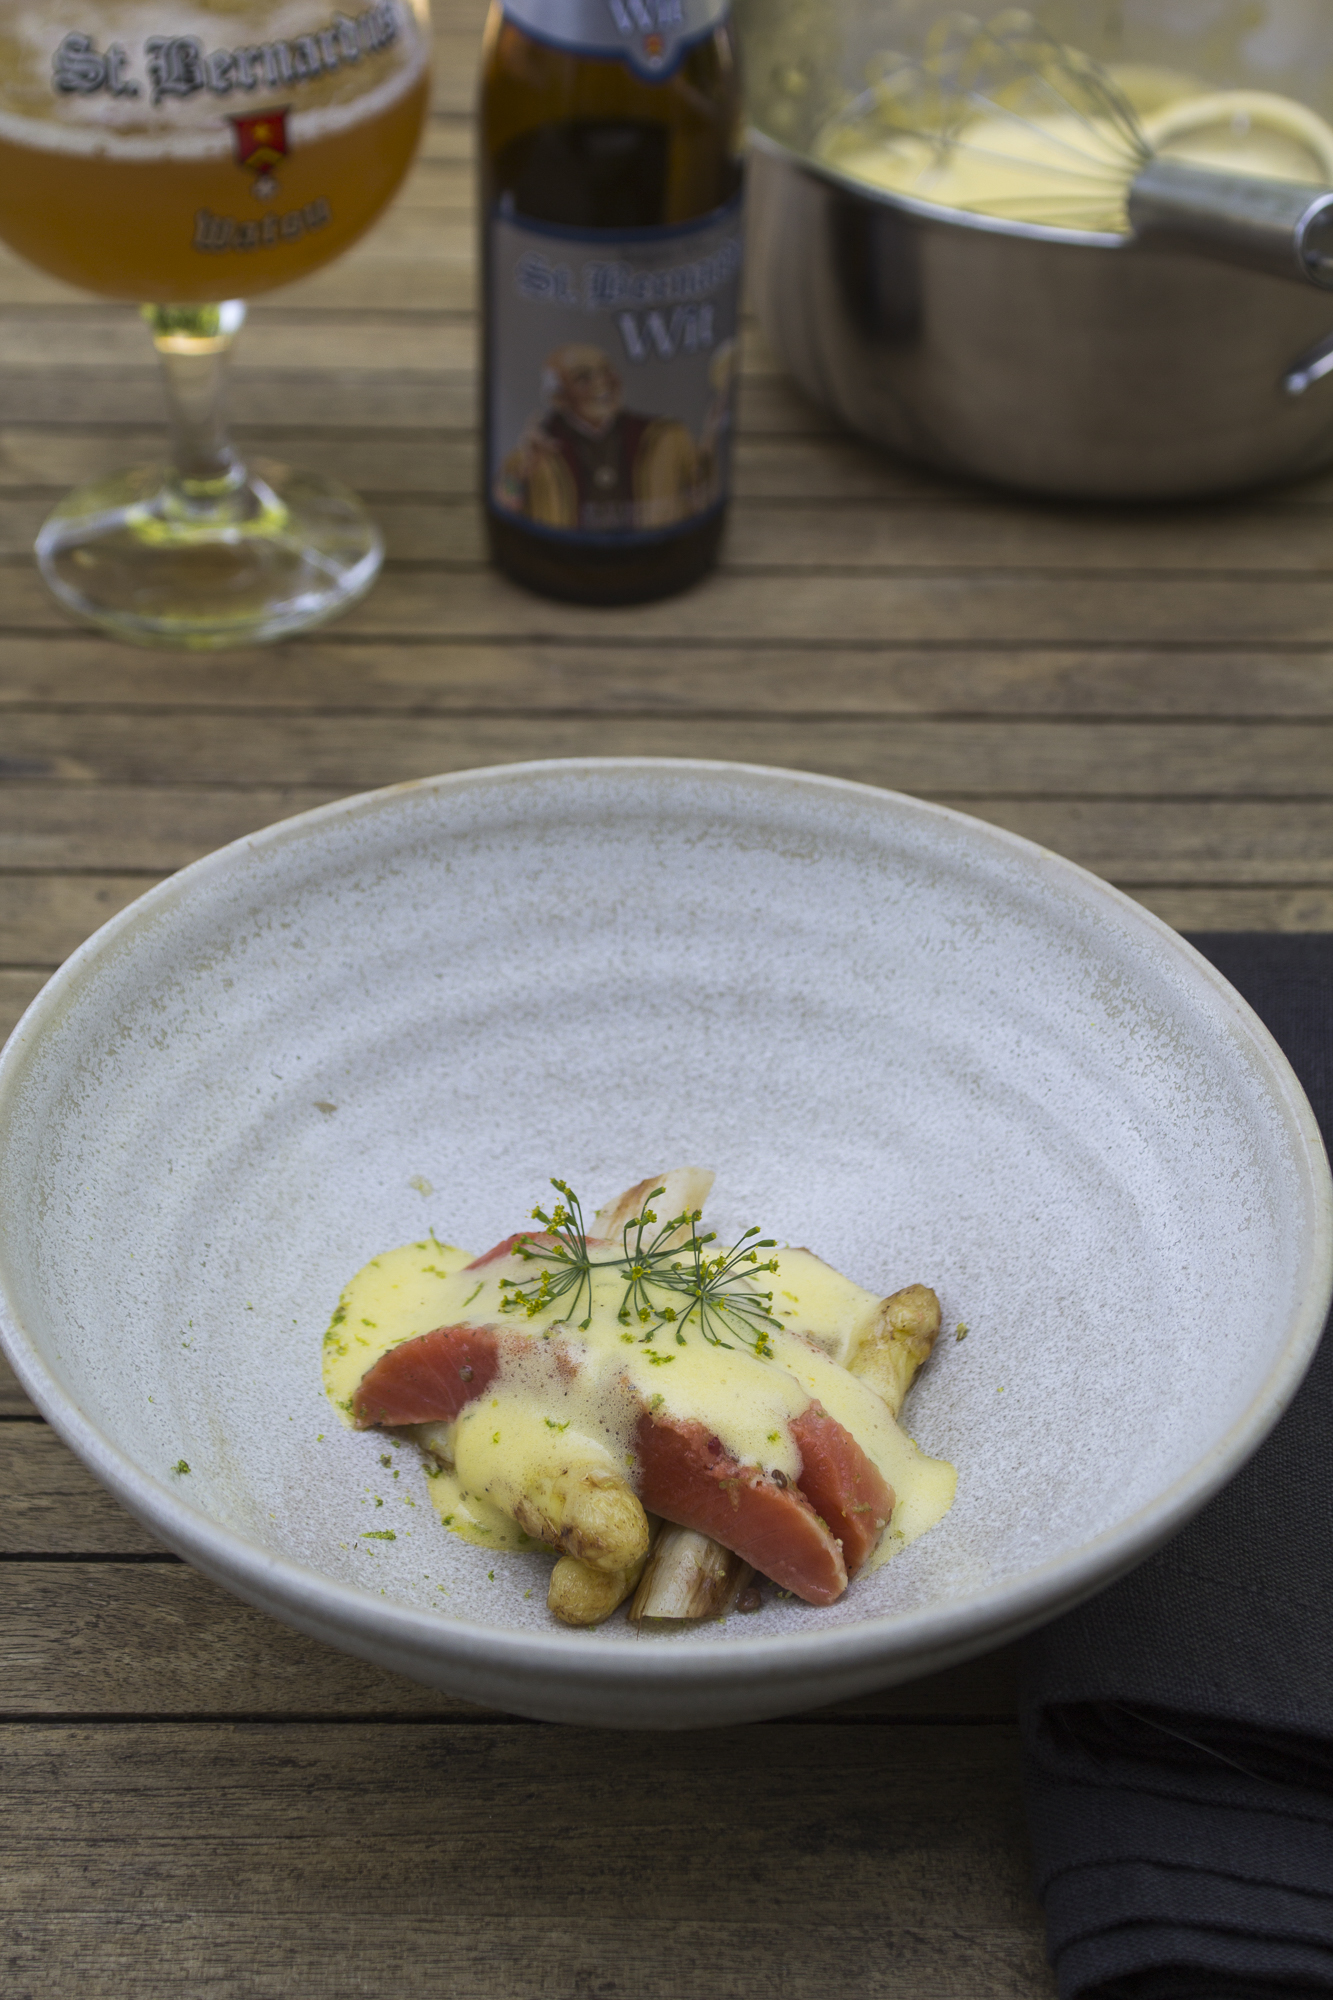 asperges met gemarineerde zalm en sabayon van Sint Bernardus (1)